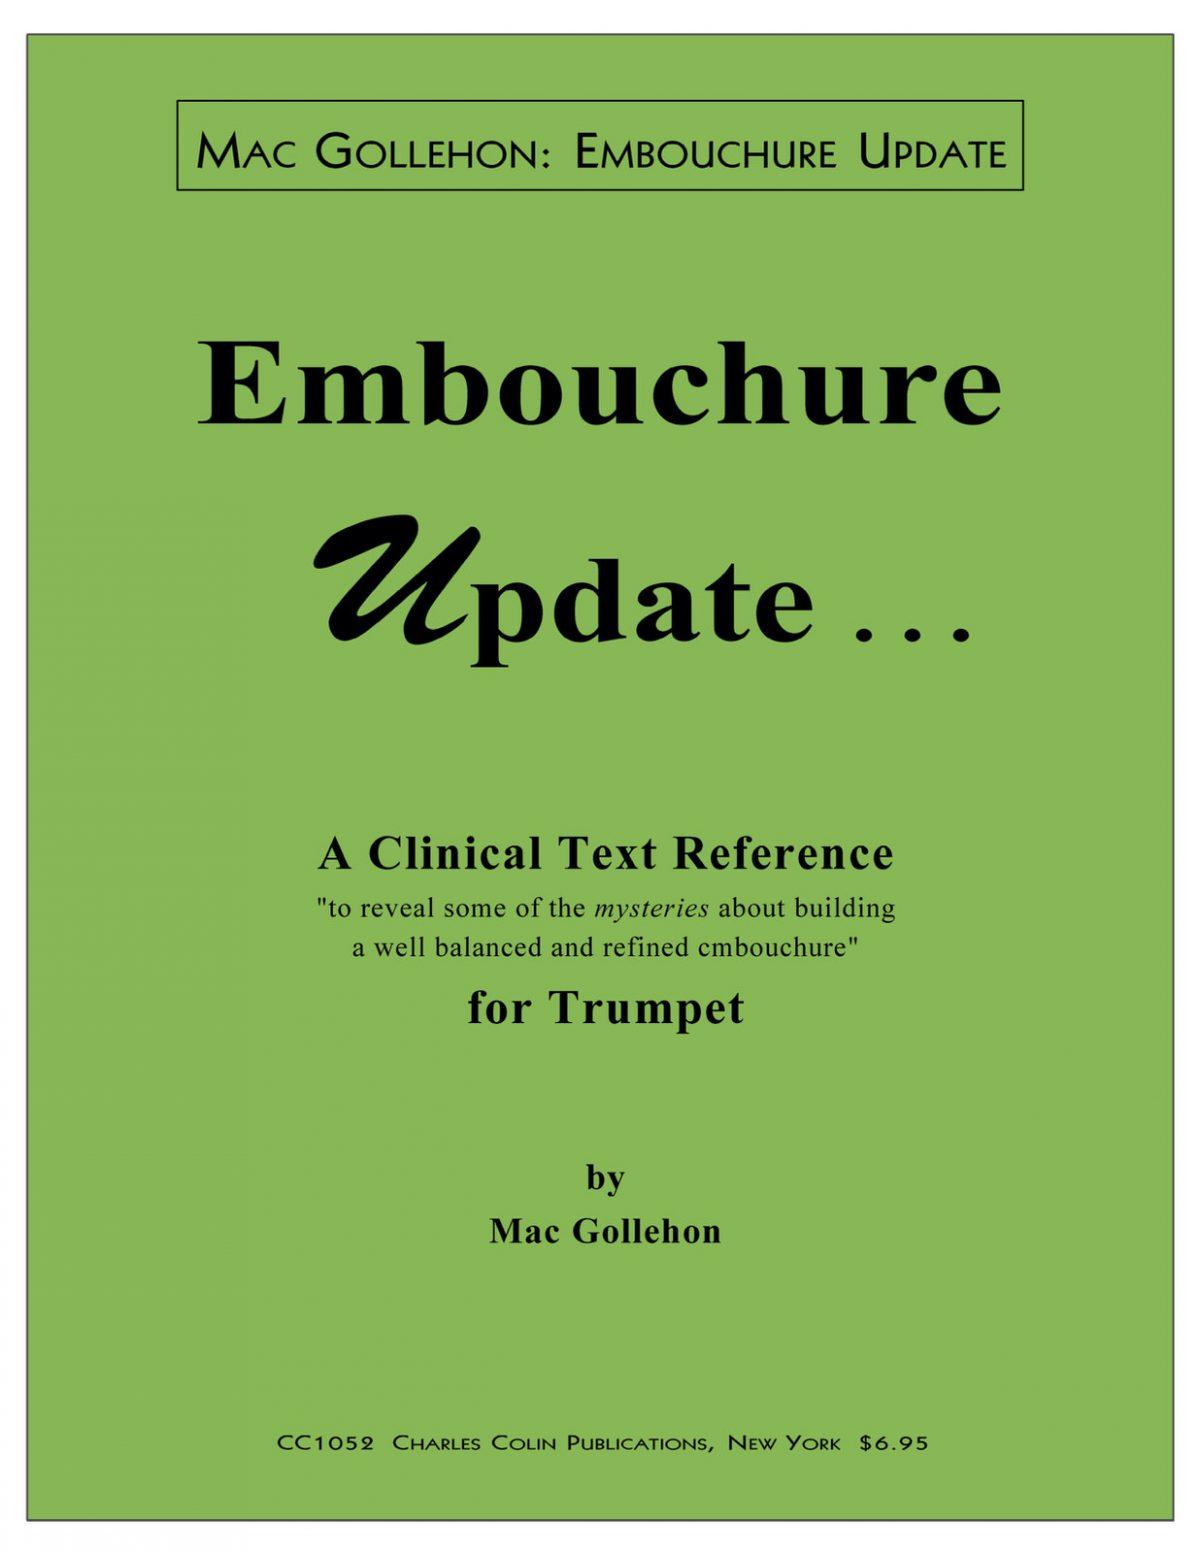 Gollehon, Embouchure Update